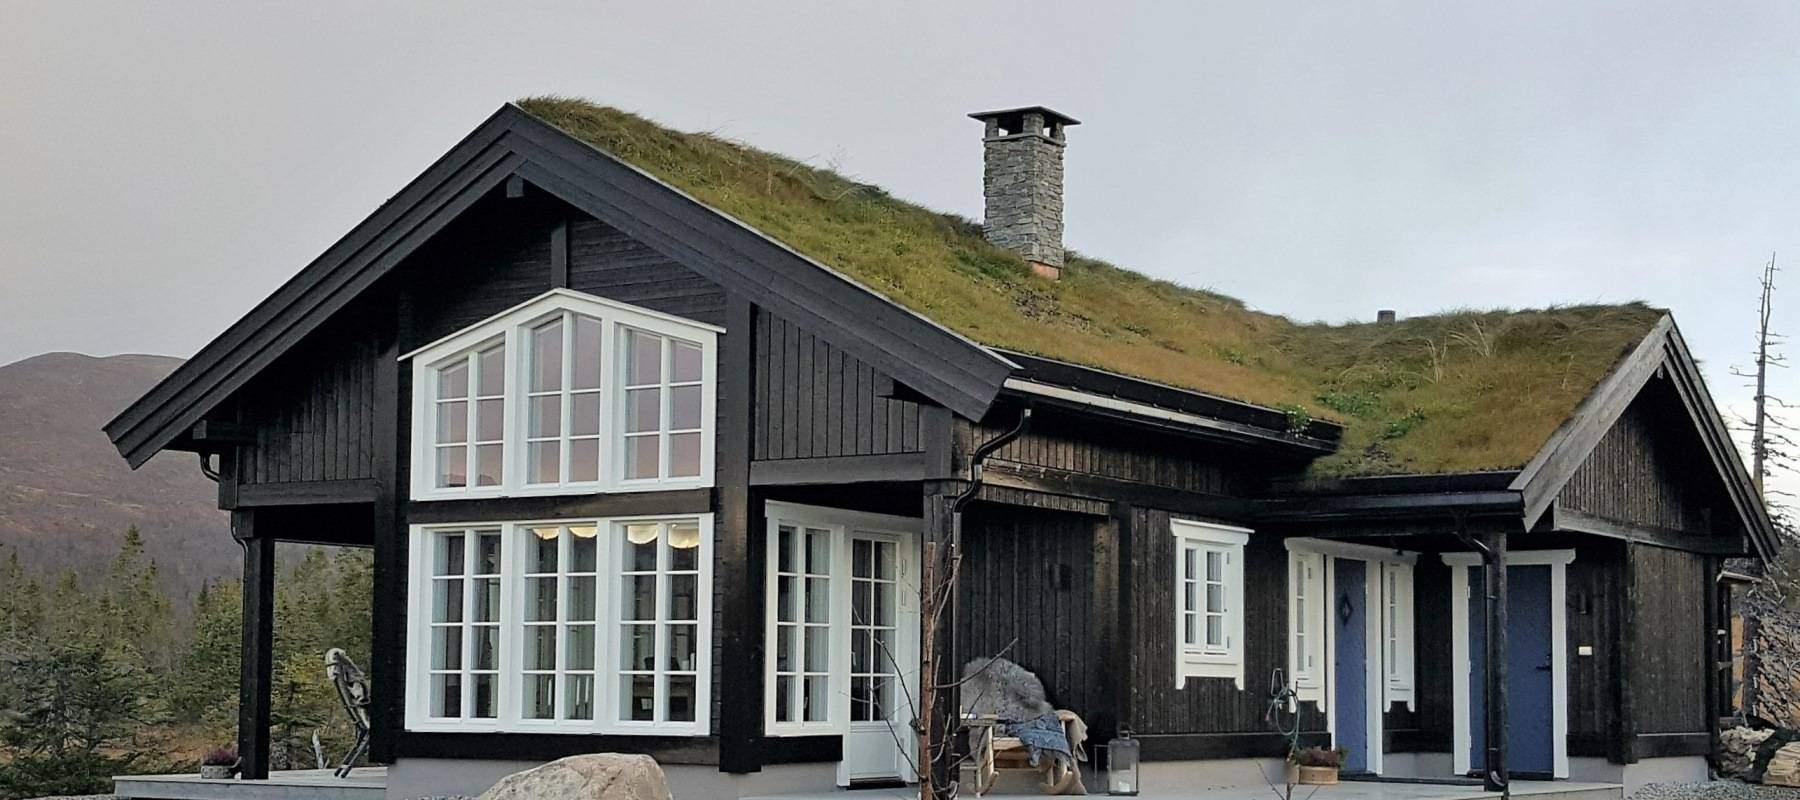 2700 Hytte hytteleverandør Hægevarde Hytte Stryn 97